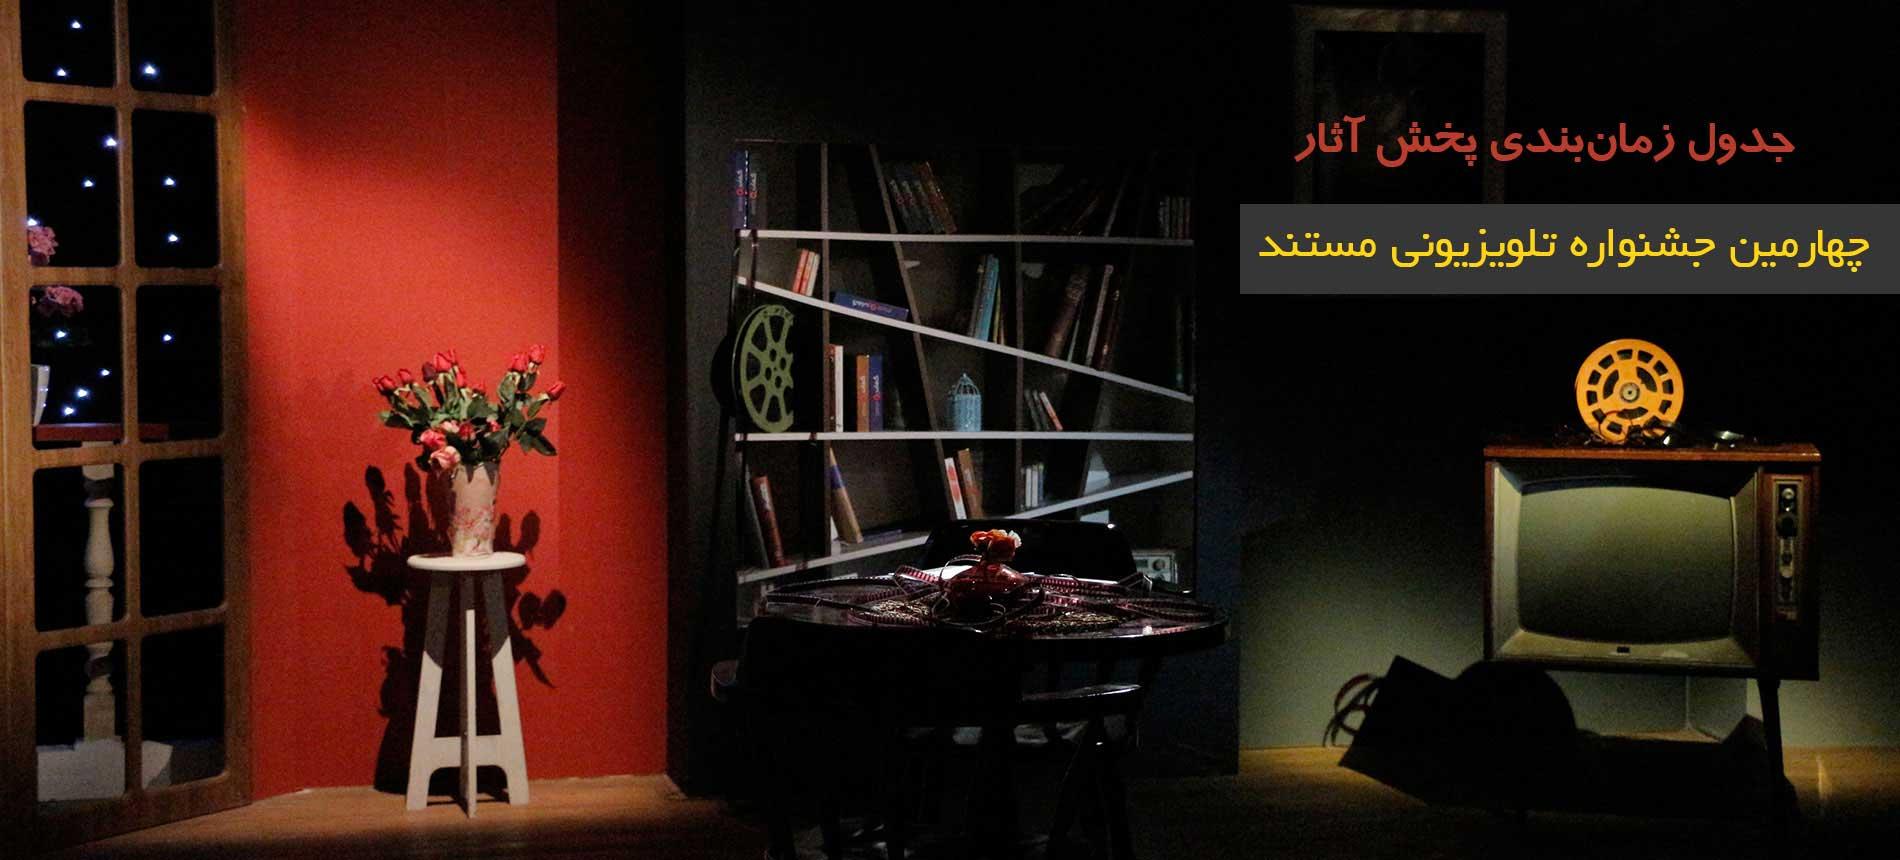 جدول زمان پخش فیلم های چهارمین جشنواره تلویزیونی مستند